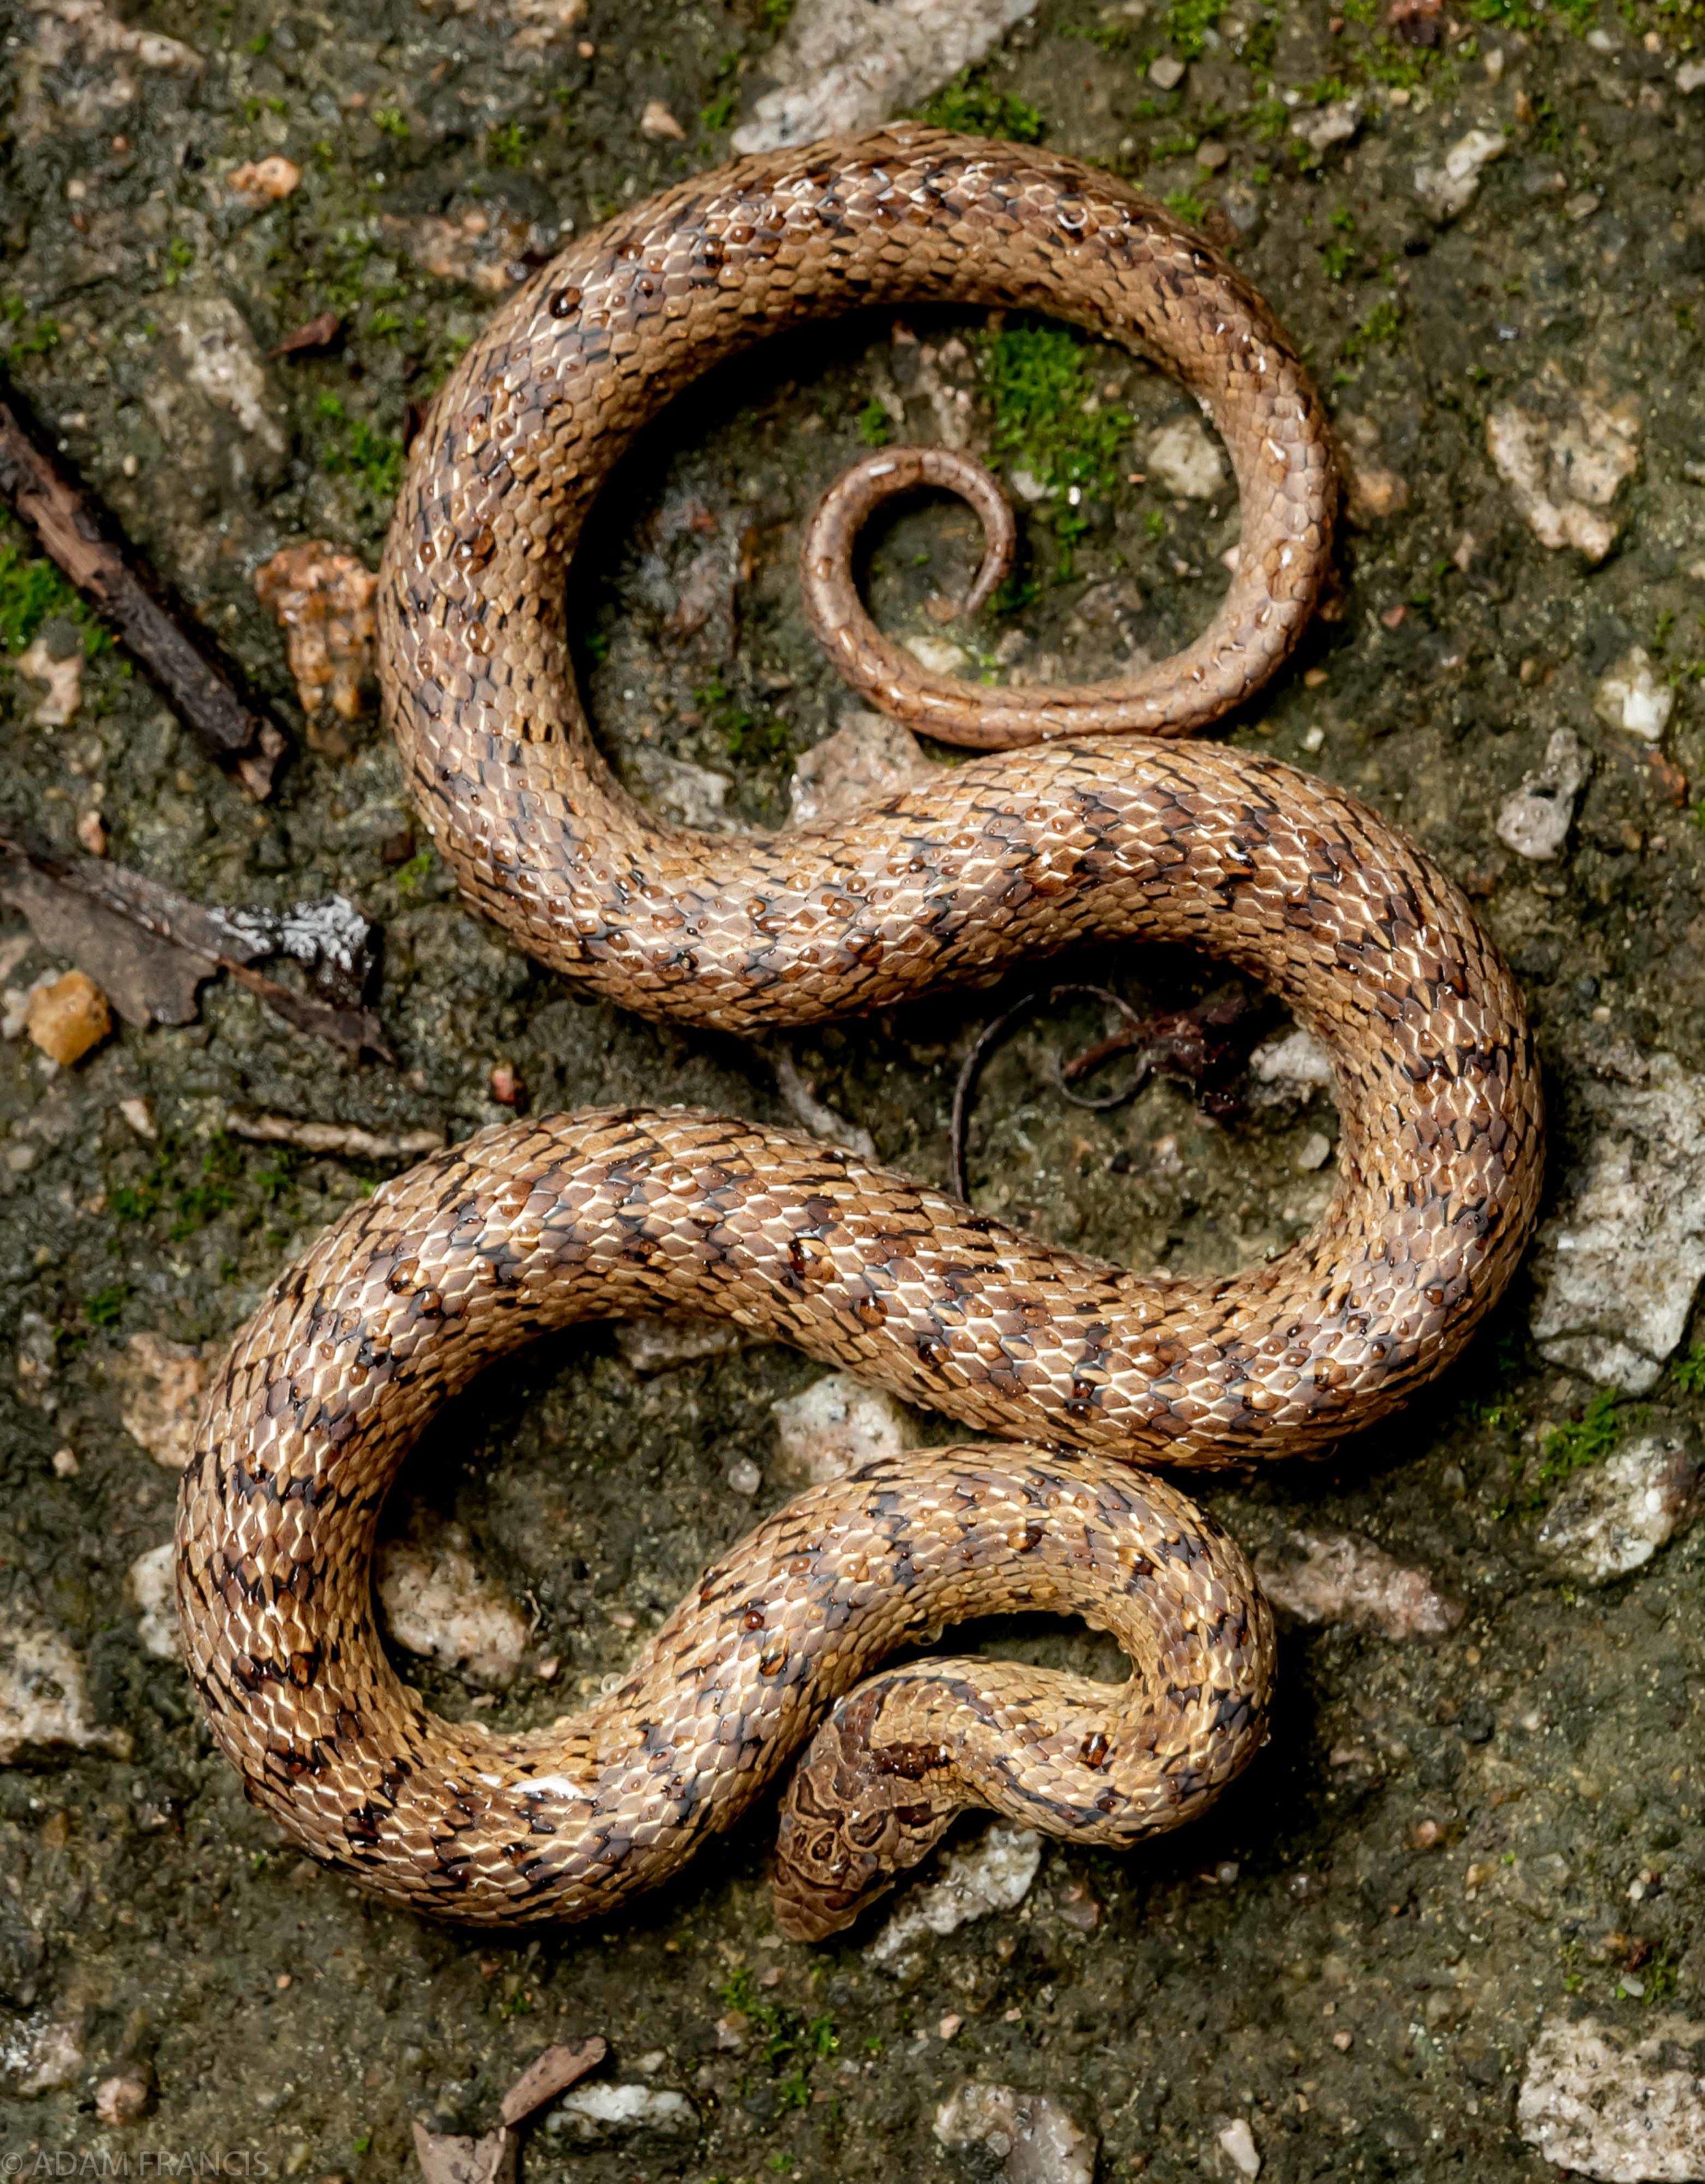 台灣小頭蛇